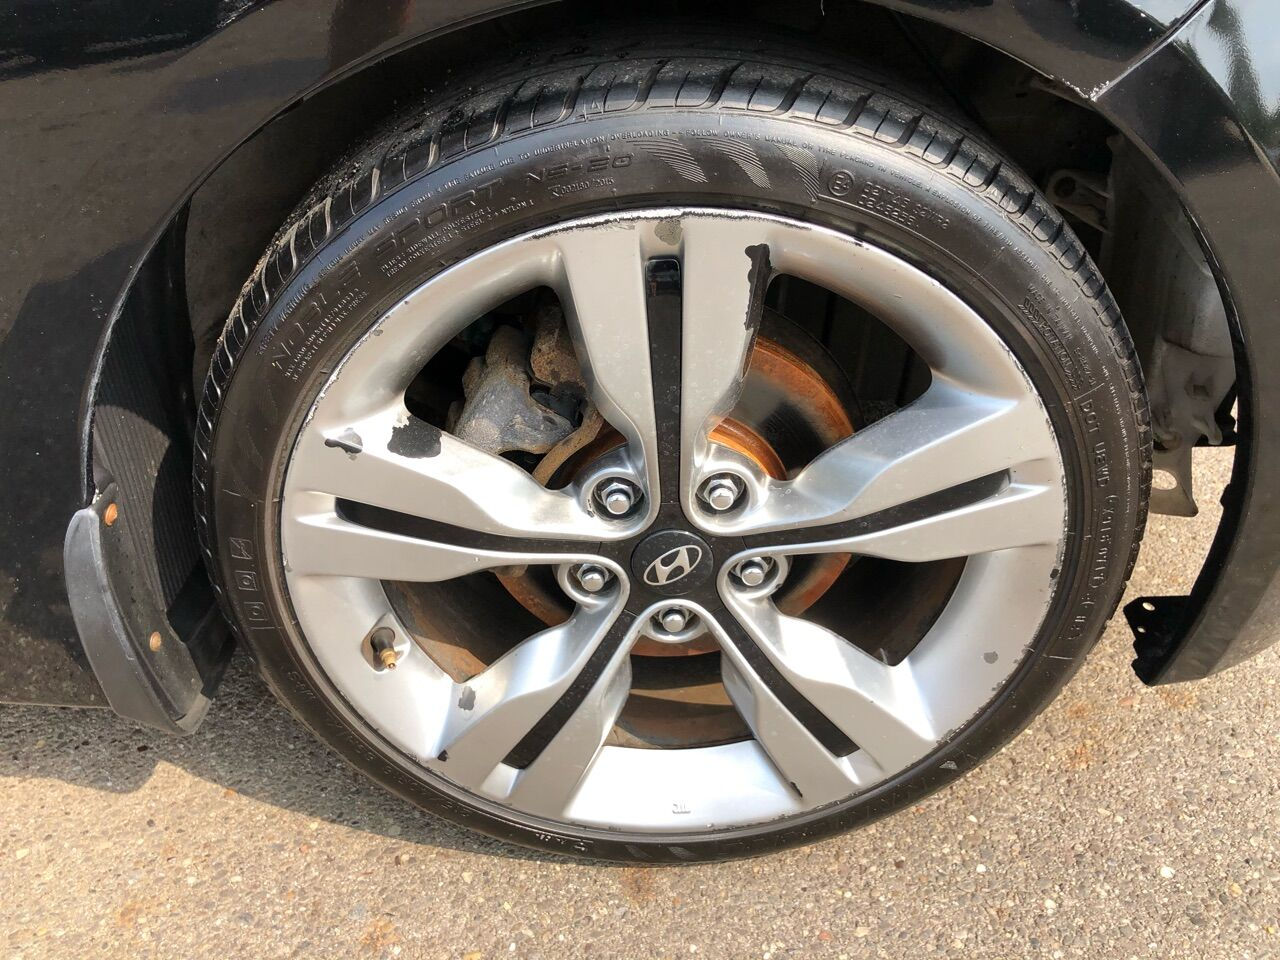 2012 Hyundai Veloster 3dr Car